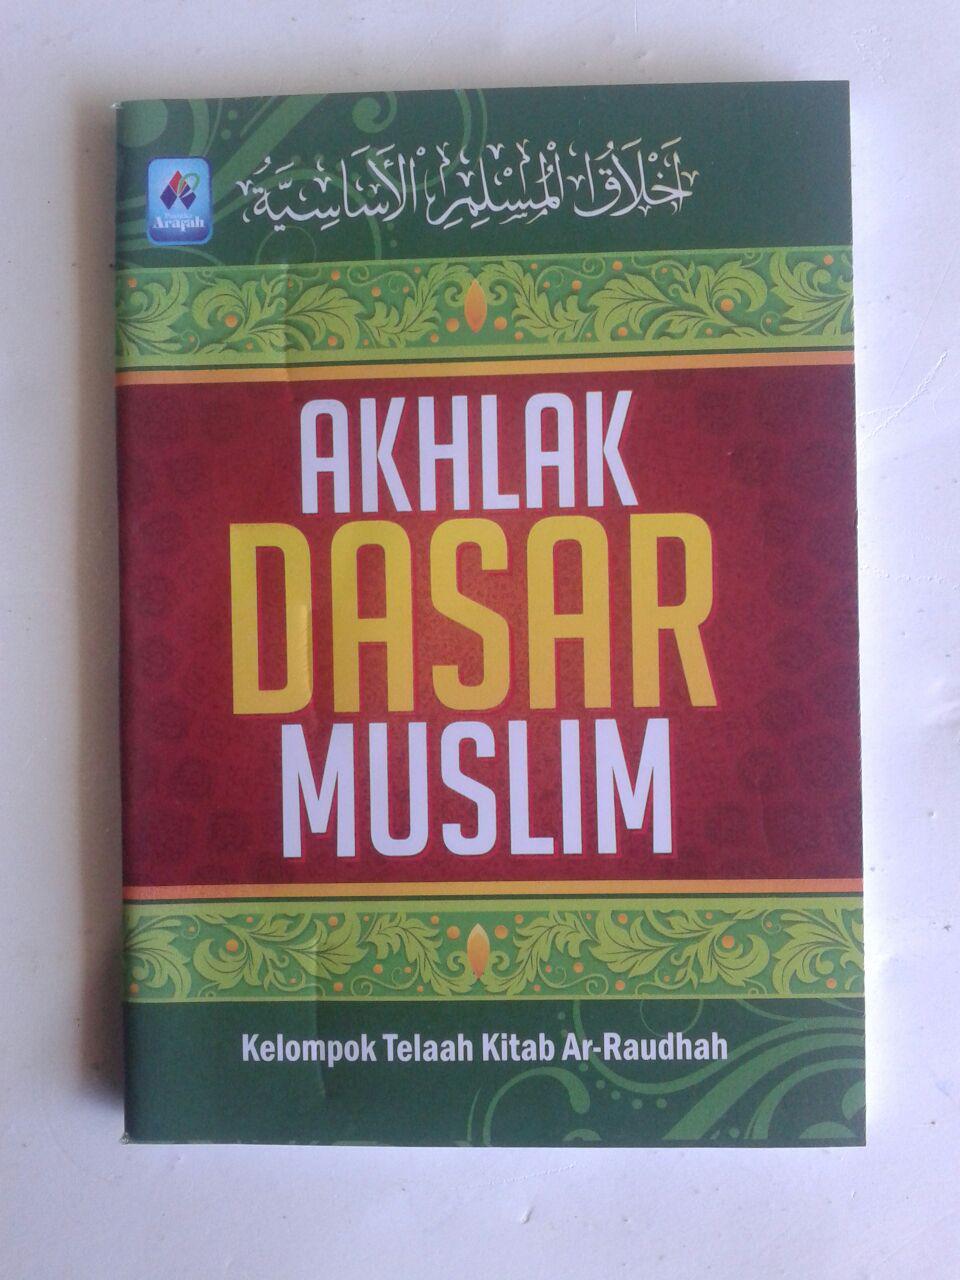 Buku Saku Akhlak Dasar Muslim cover 2